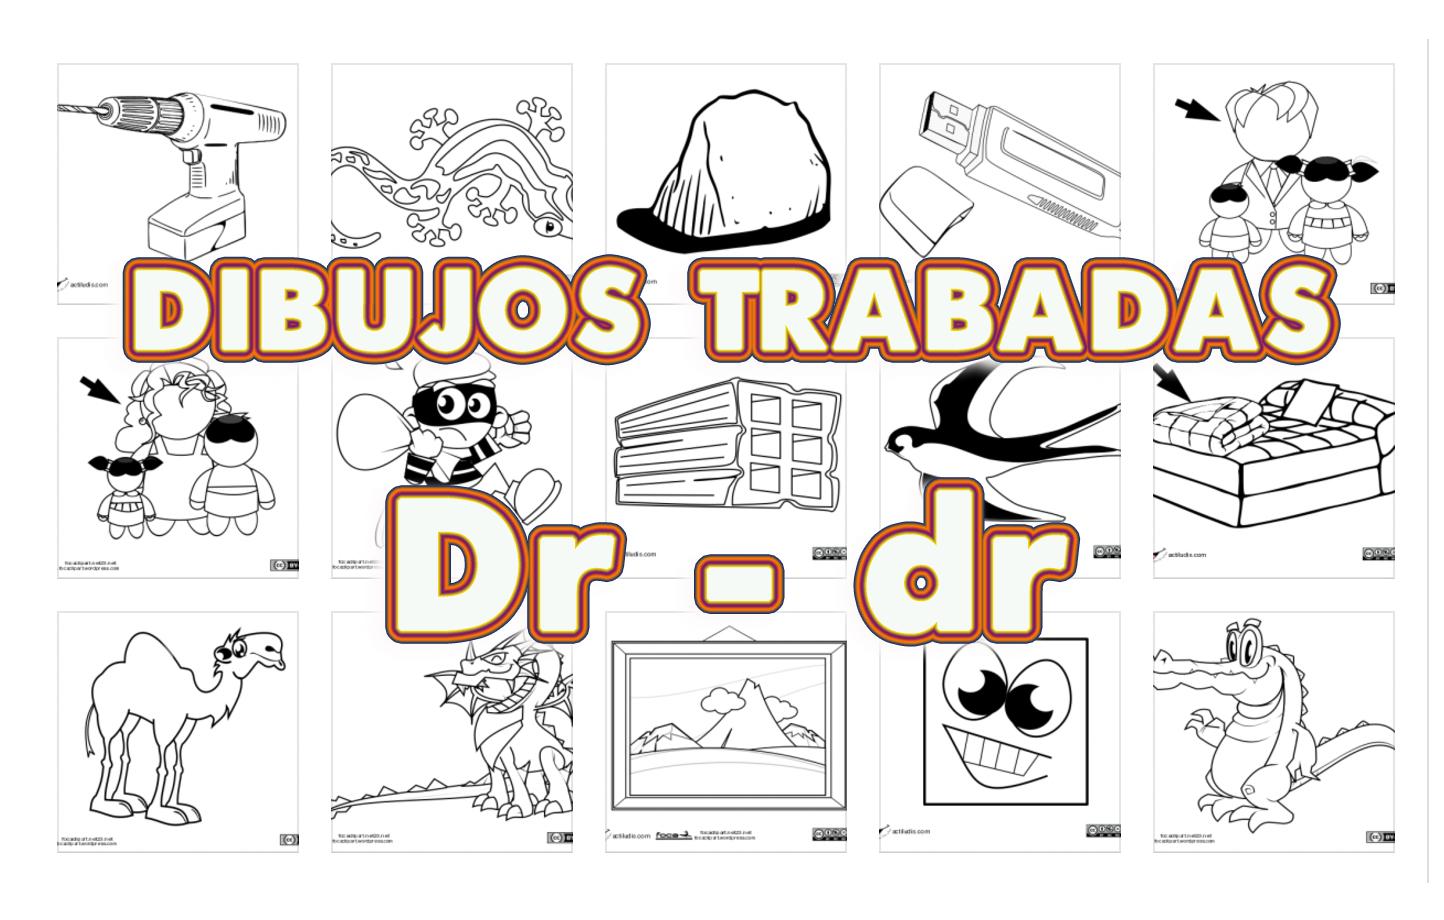 Dibujos Con La Trabada Br: Dibujos Trabadas DR